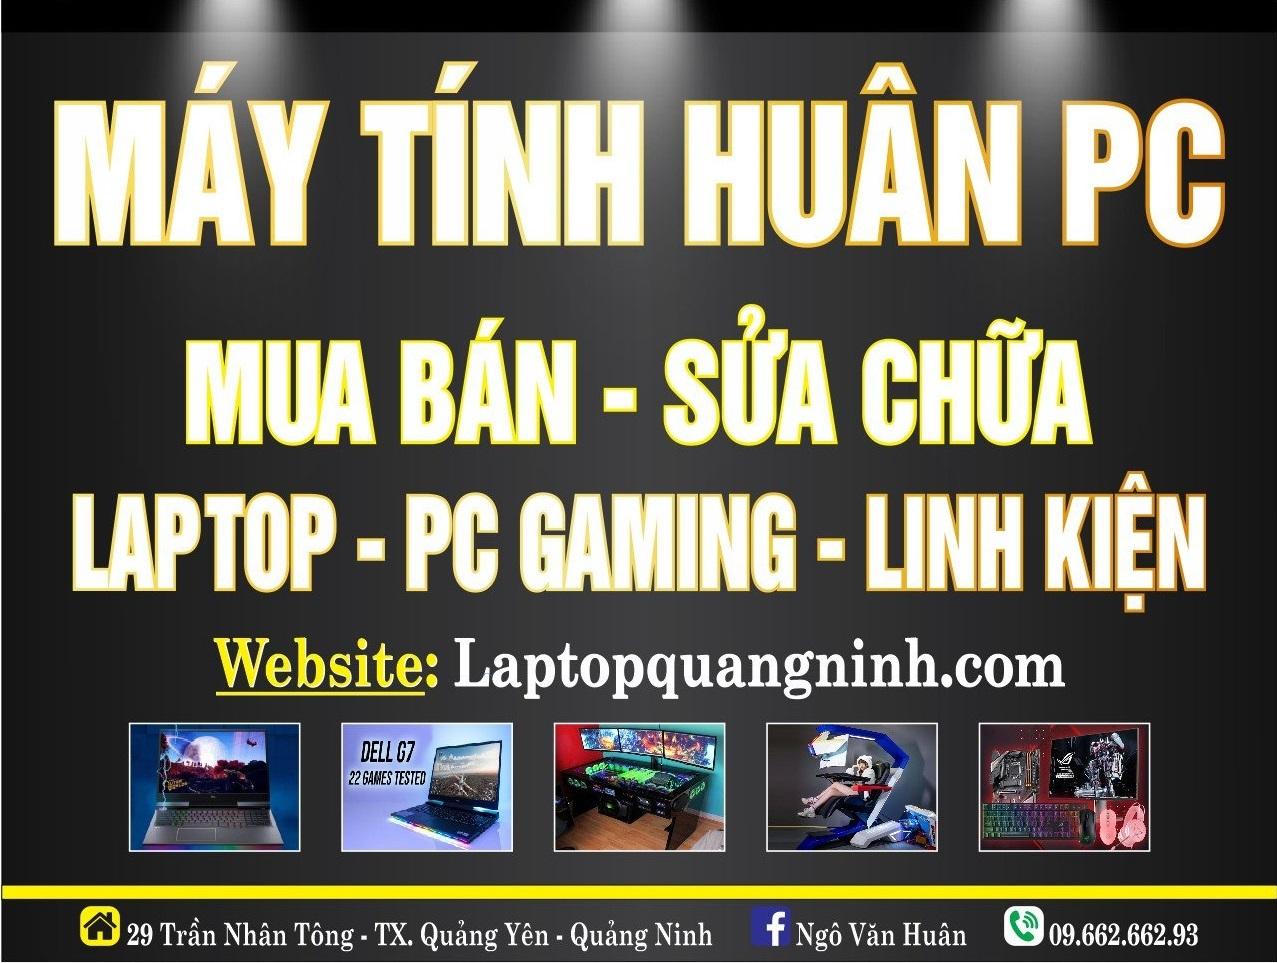 Laptop Quảng Ninh